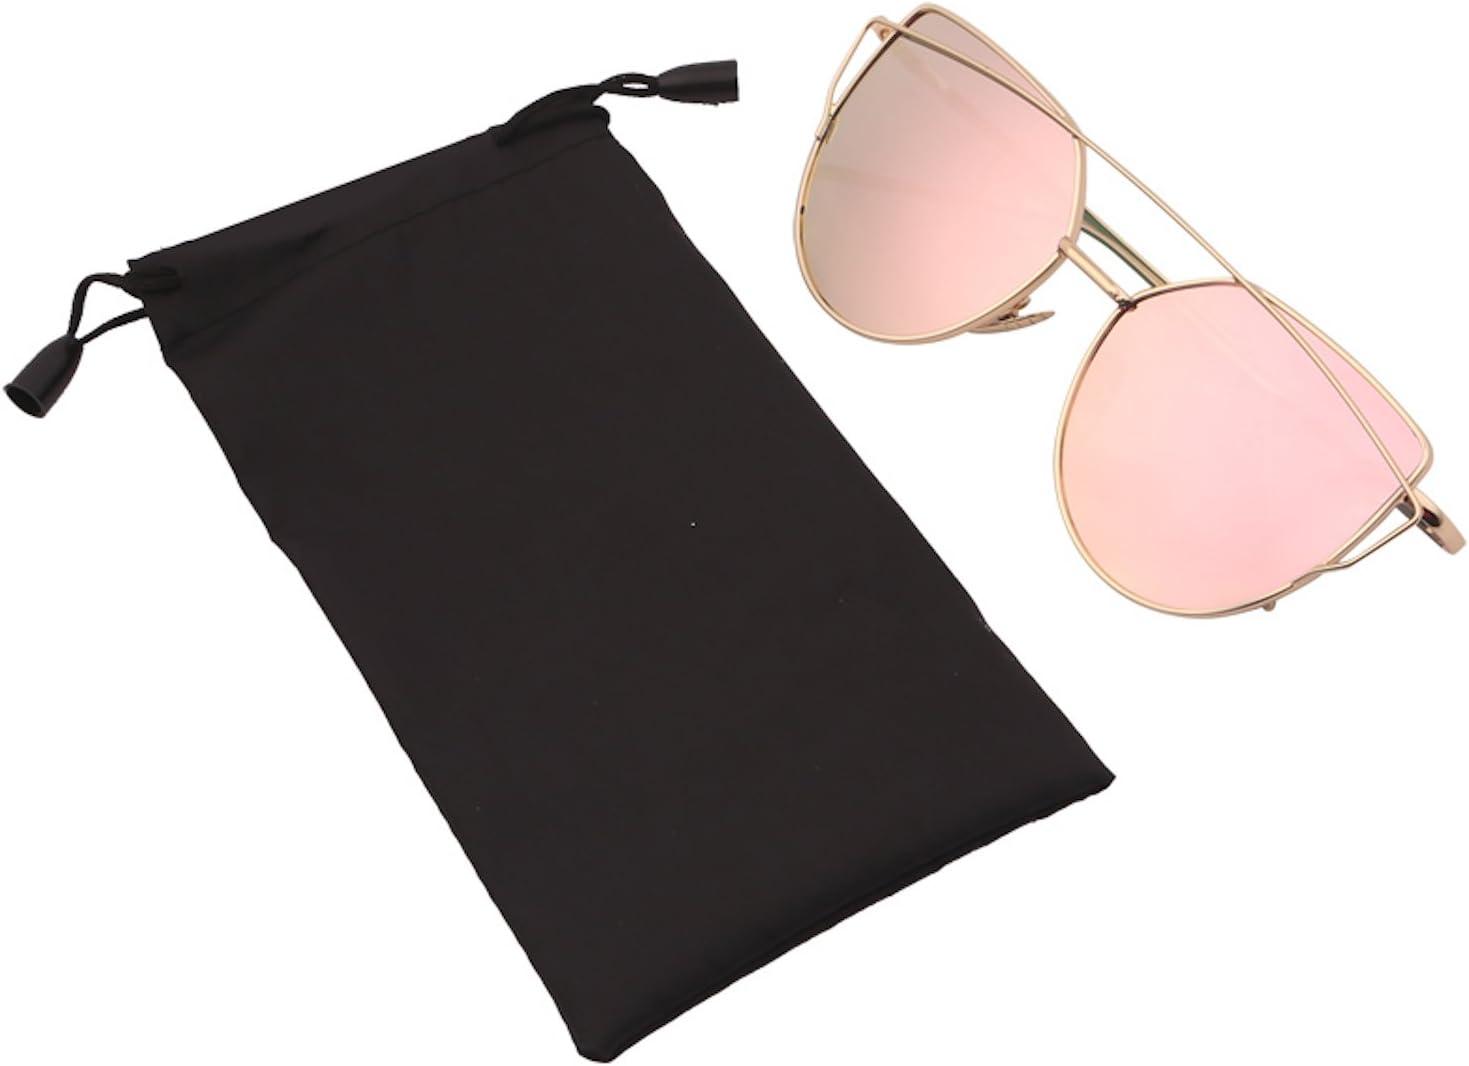 stile vintage classico riflettenti occhiali da sole Occhiali da sole da donna occhiali a specchio oro rosa forma con occhi di gatto estivi e alla moda